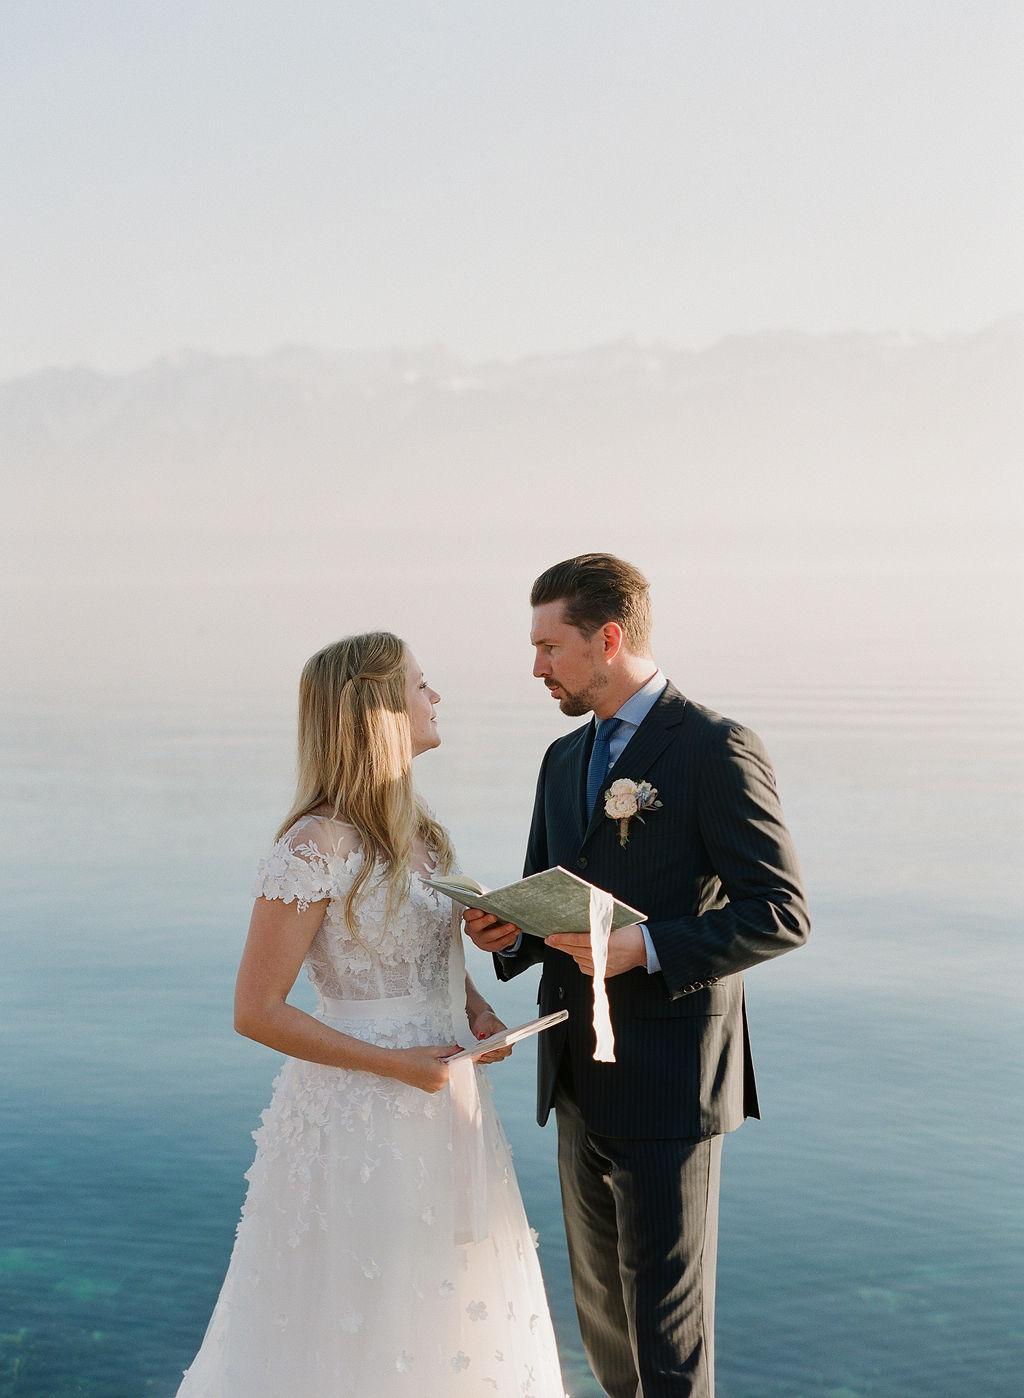 Cérémonie d'elopement en Suisse